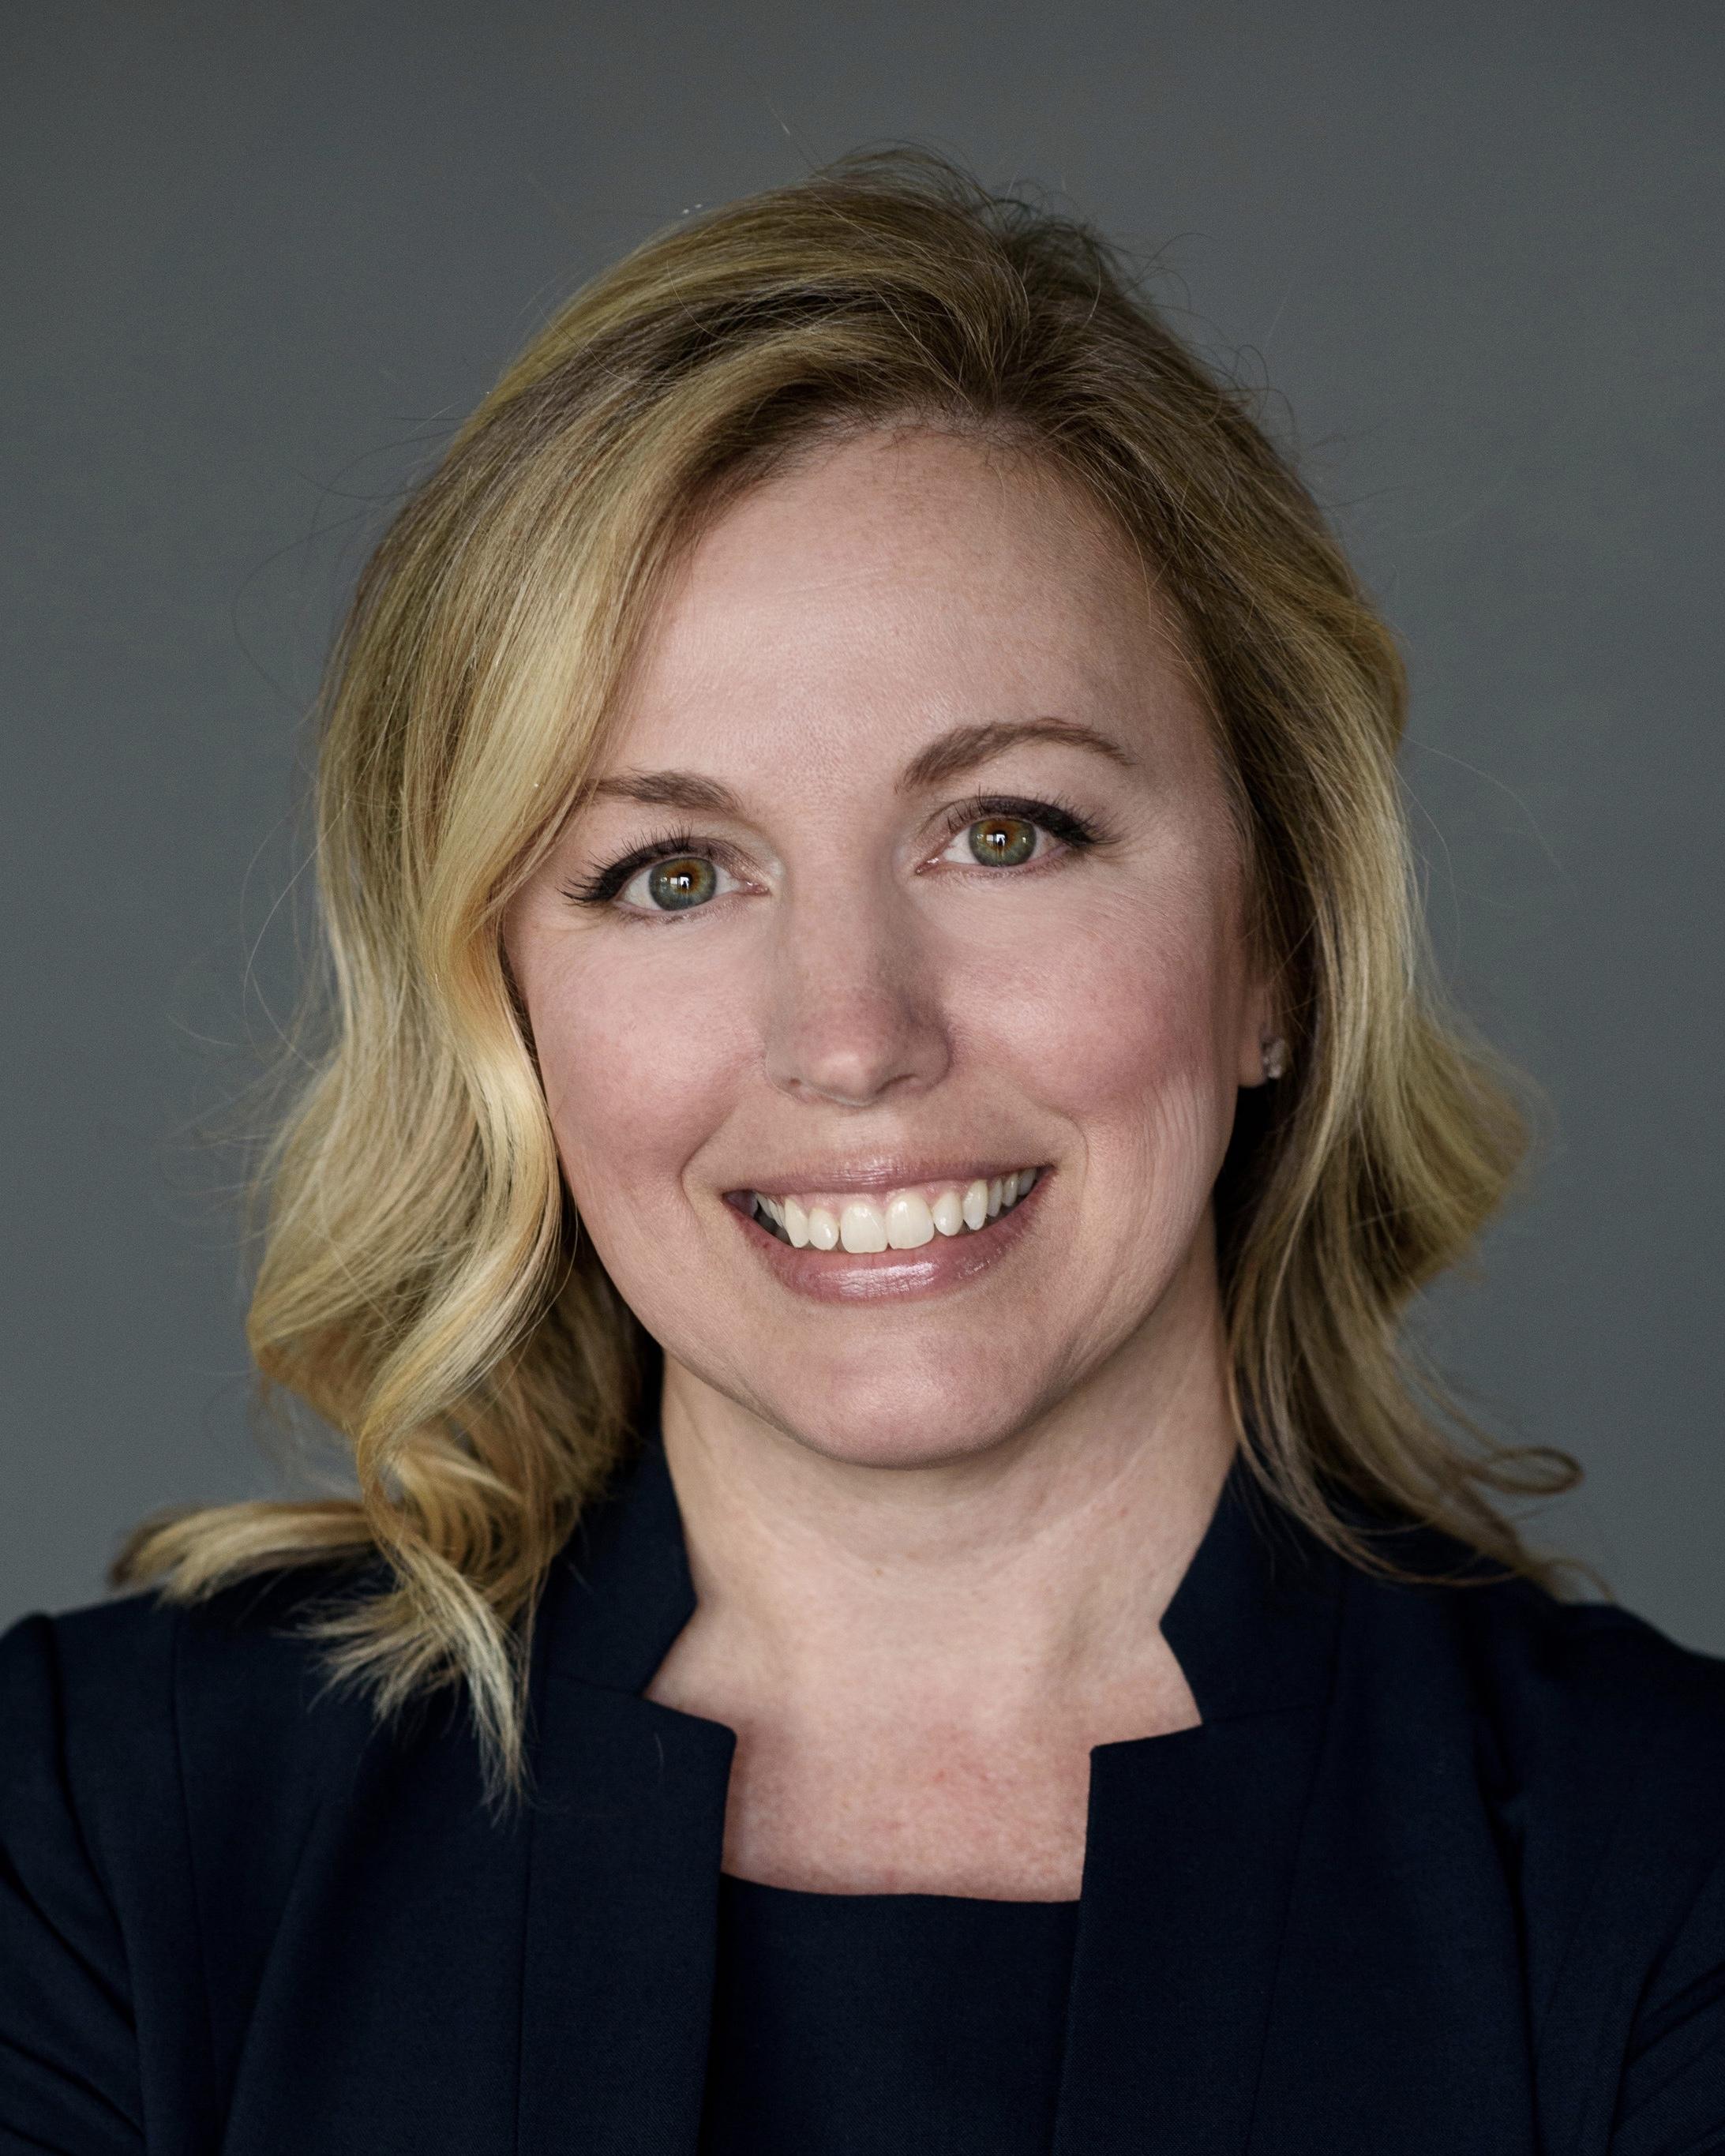 Valerie Fuller